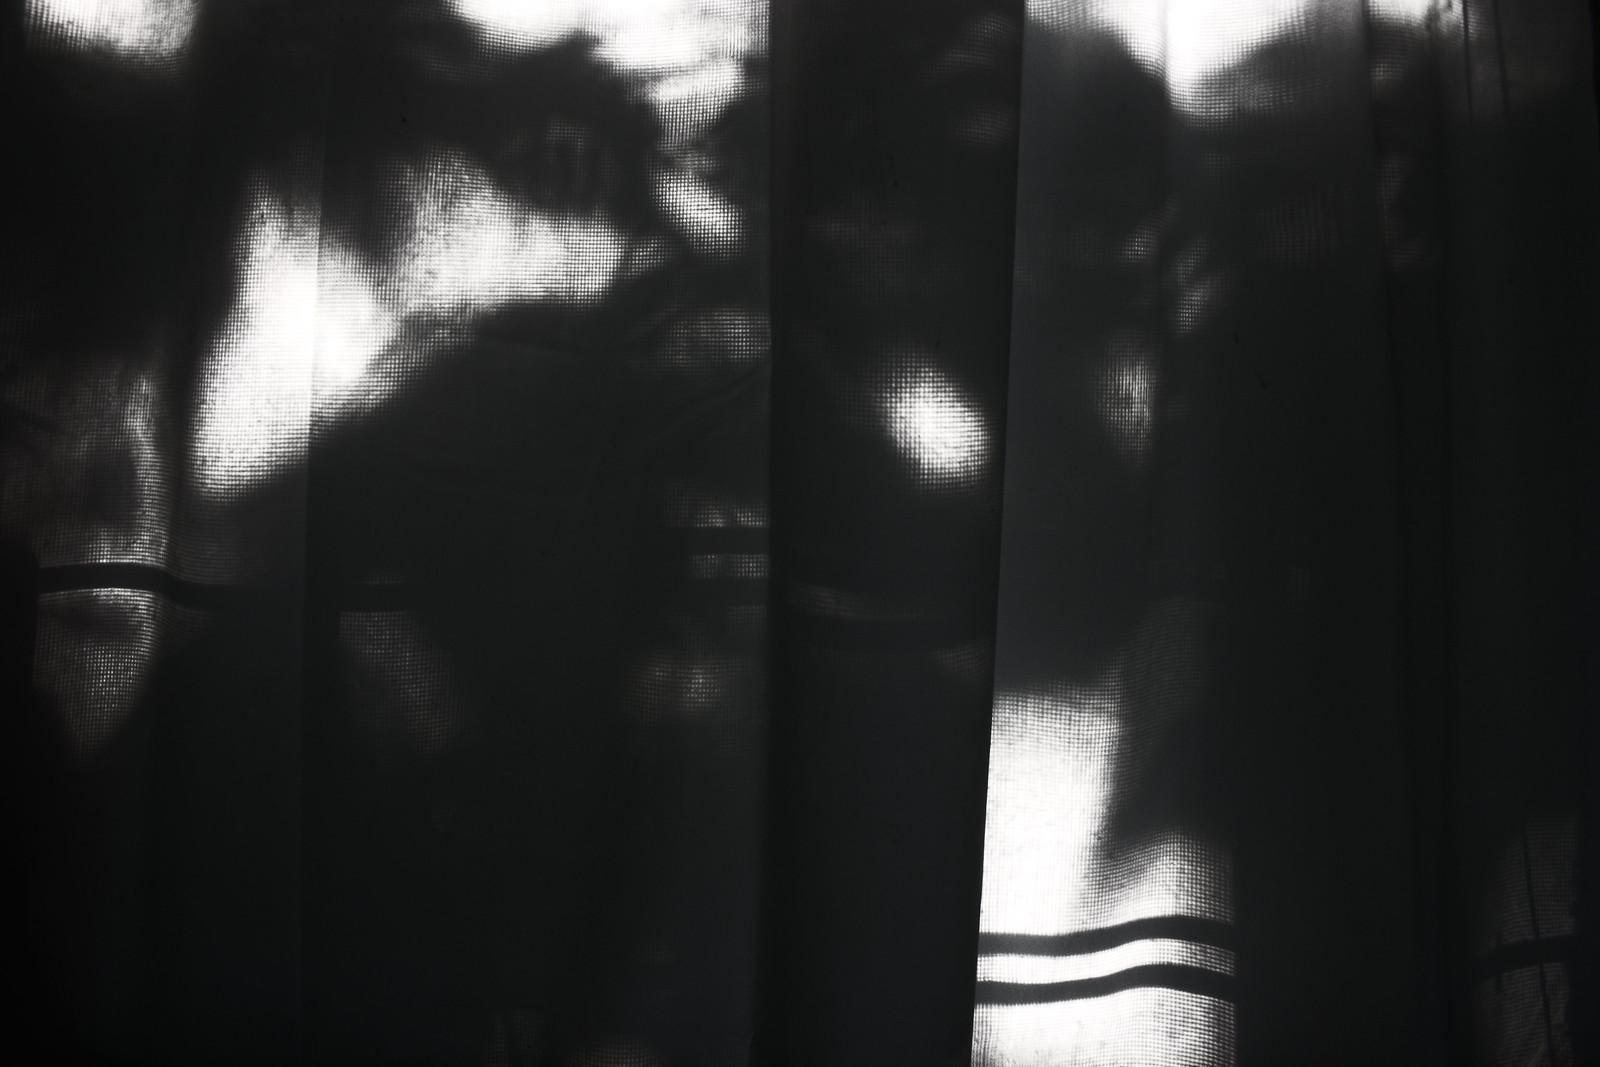 Curtain, Sept 2014